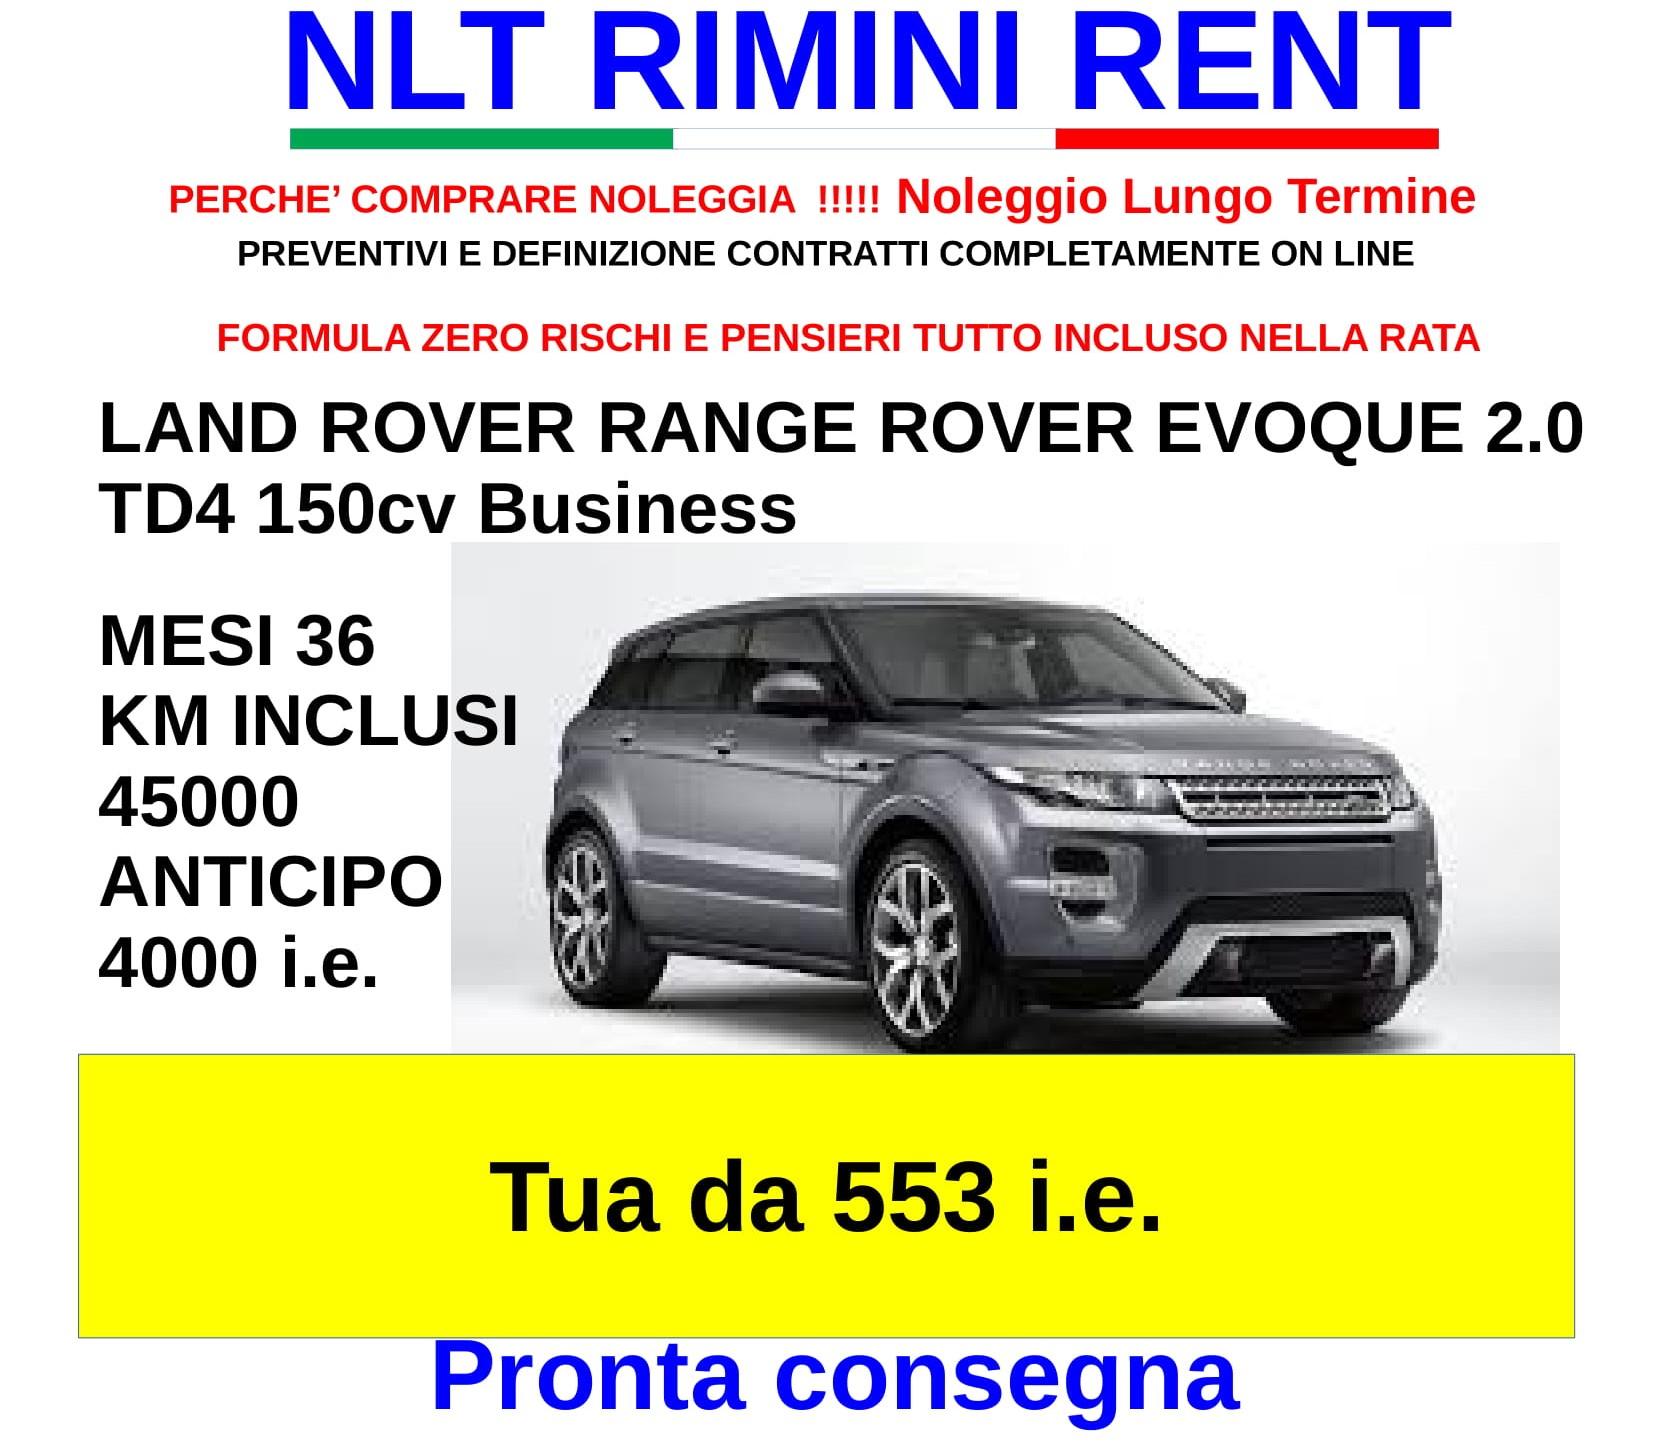 LAND ROVER RANGE ROVER EVOQUE 2.0 TD4 150cv Business Da